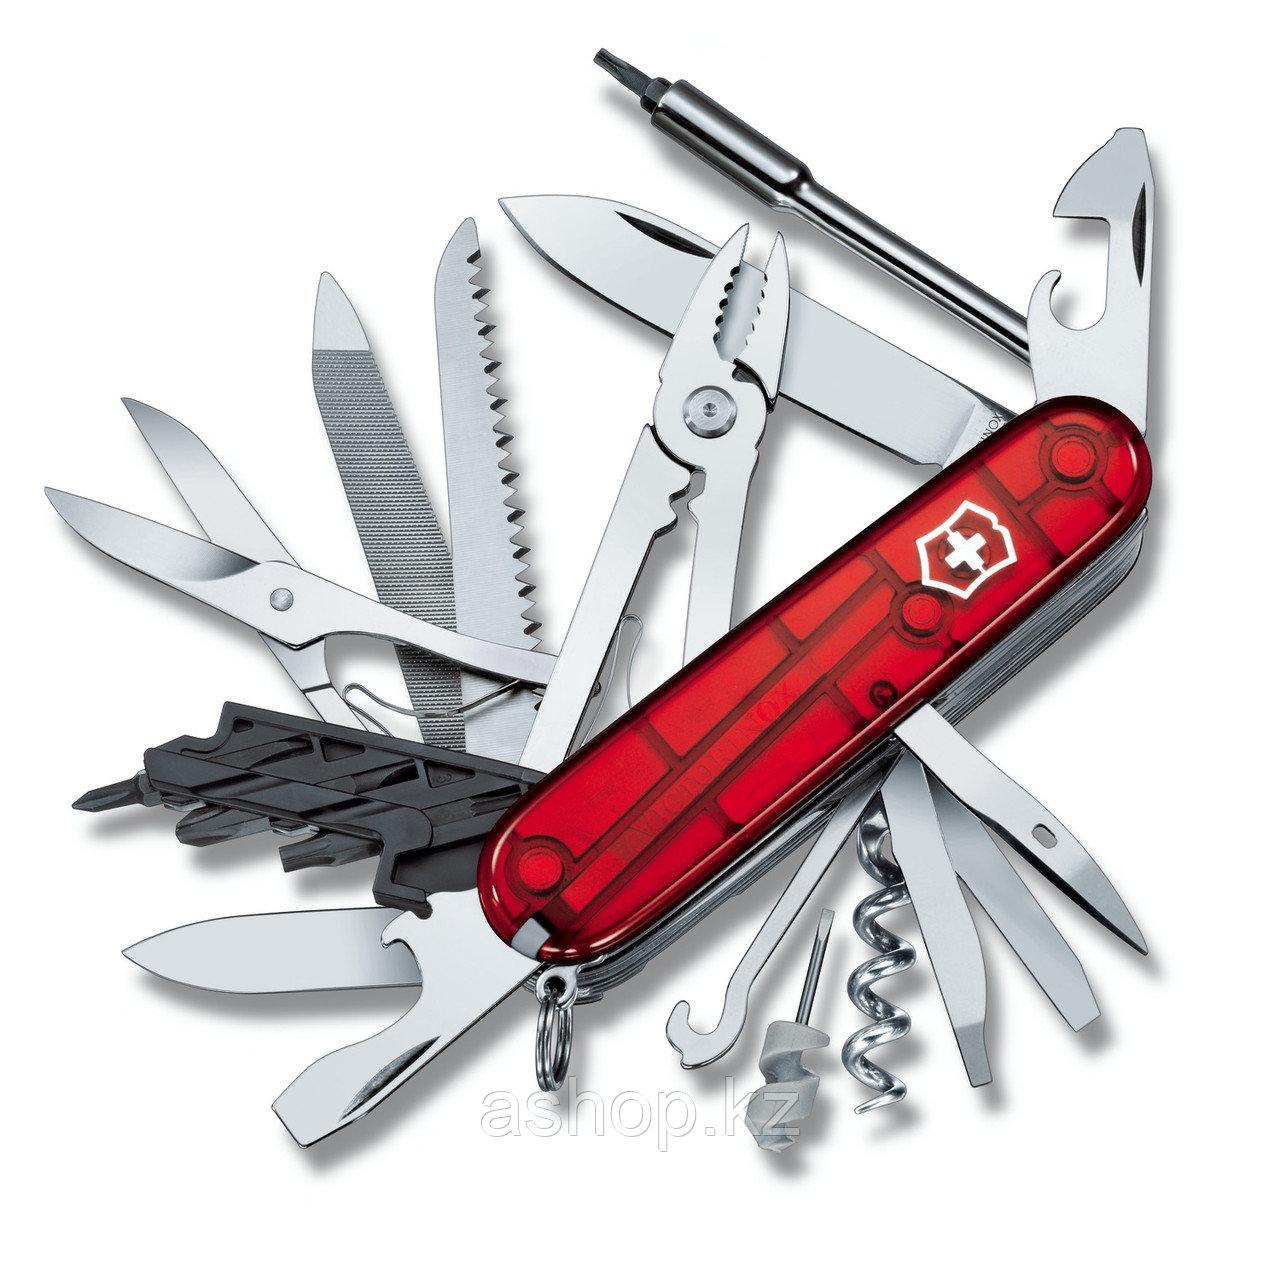 Нож складной универсальный Victorinox CyberTool 41, Кол-во функций: 41 в 1, Цвет: Красный (прозрачный), (1.777